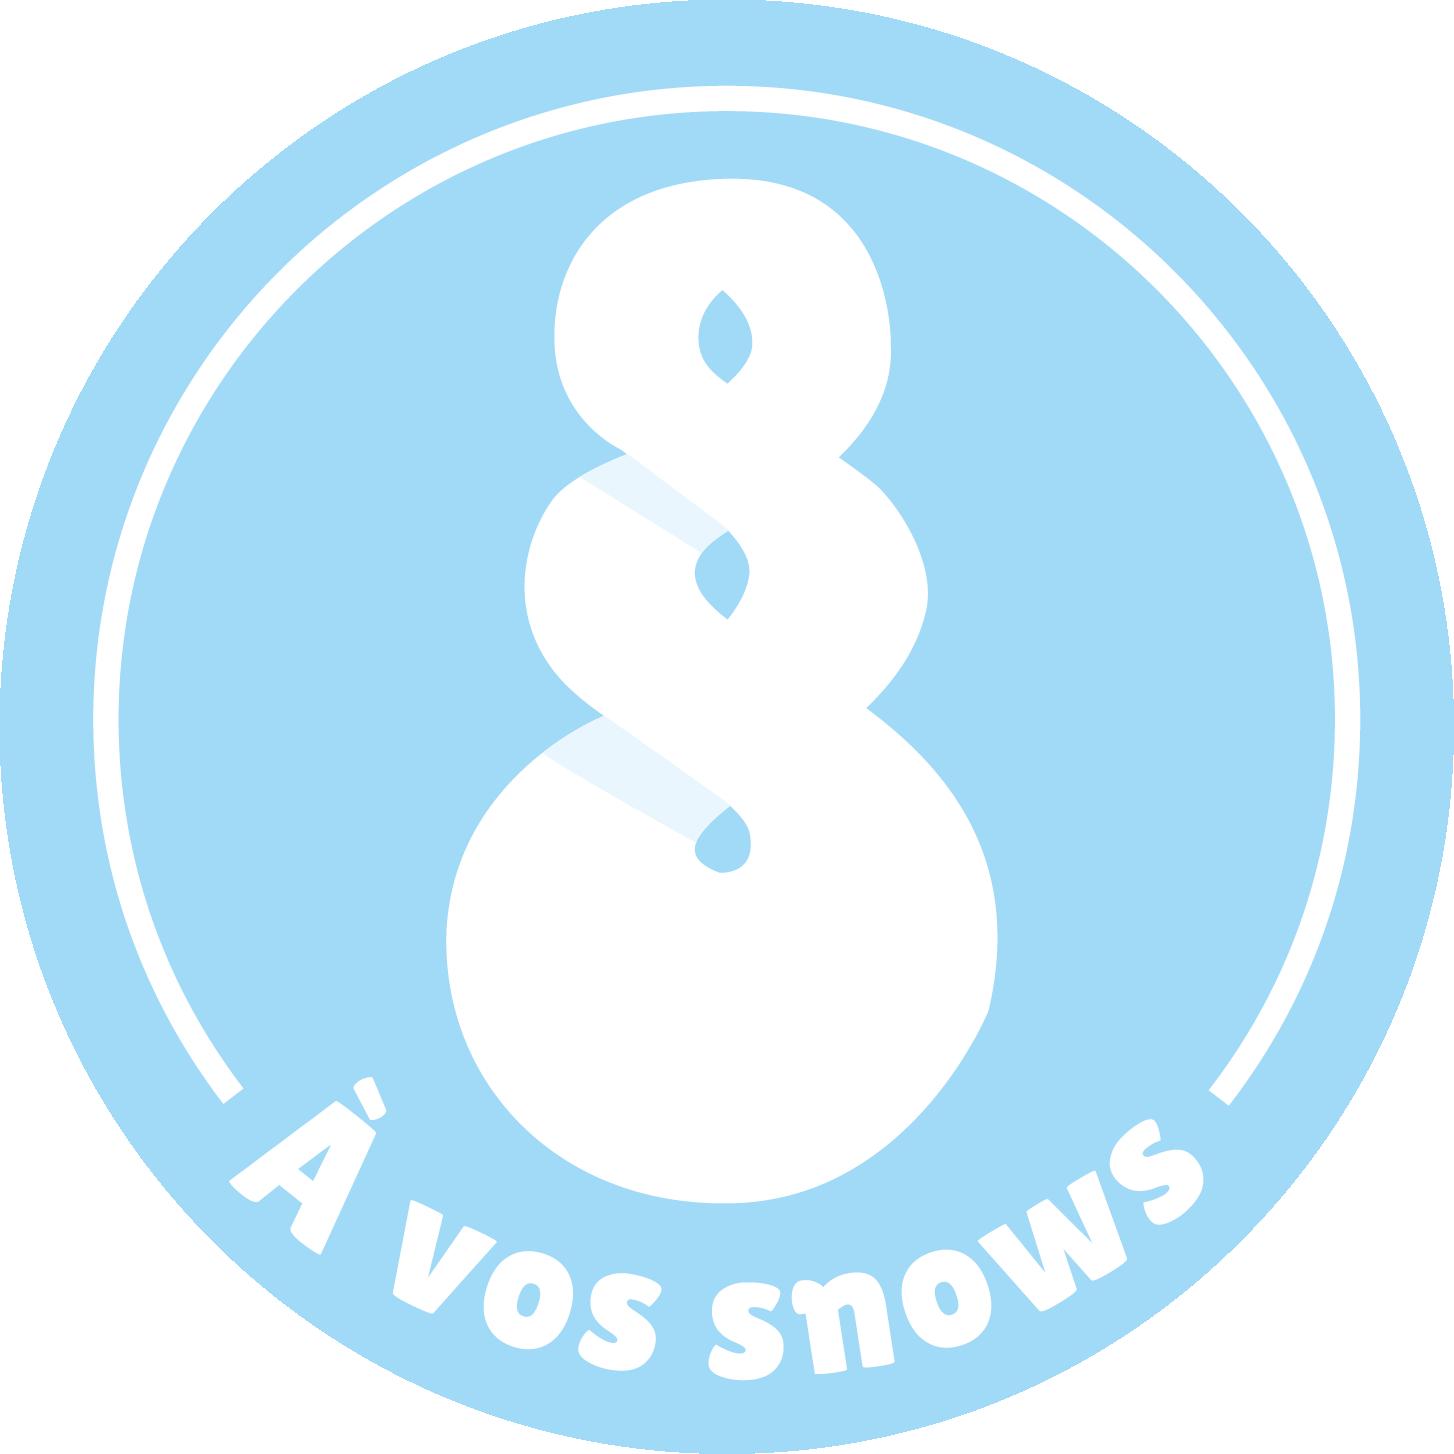 A vos snows